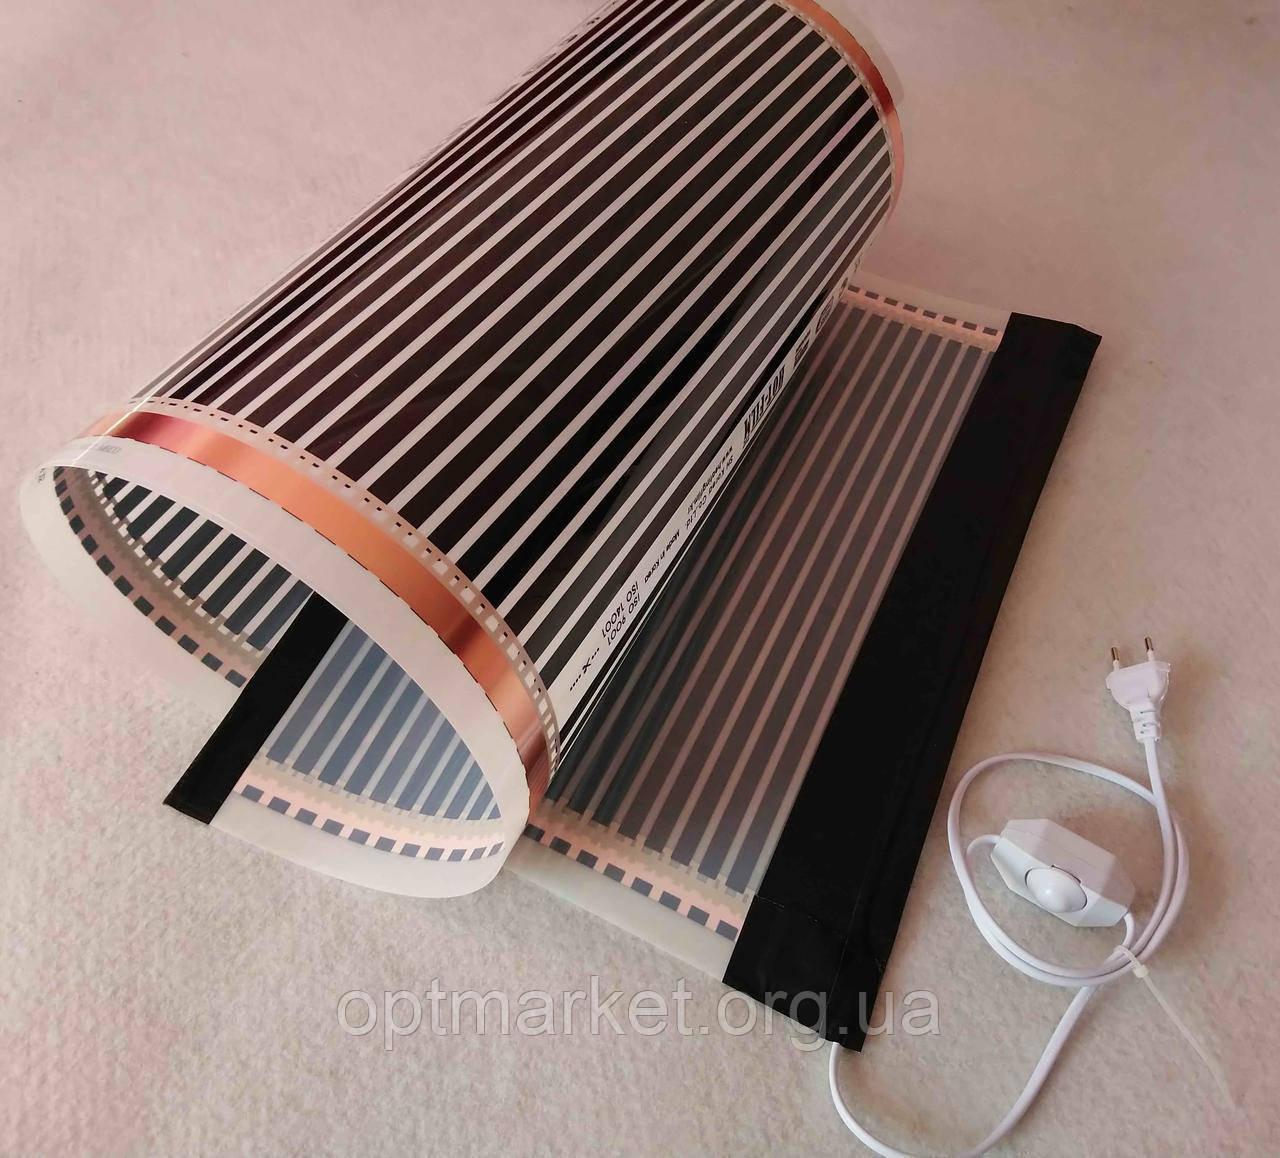 Инфракрасный коврик-обогреватель 100х350 (обогреватель для цыплят, обогреватель для поросят, кроликов) 700Вт